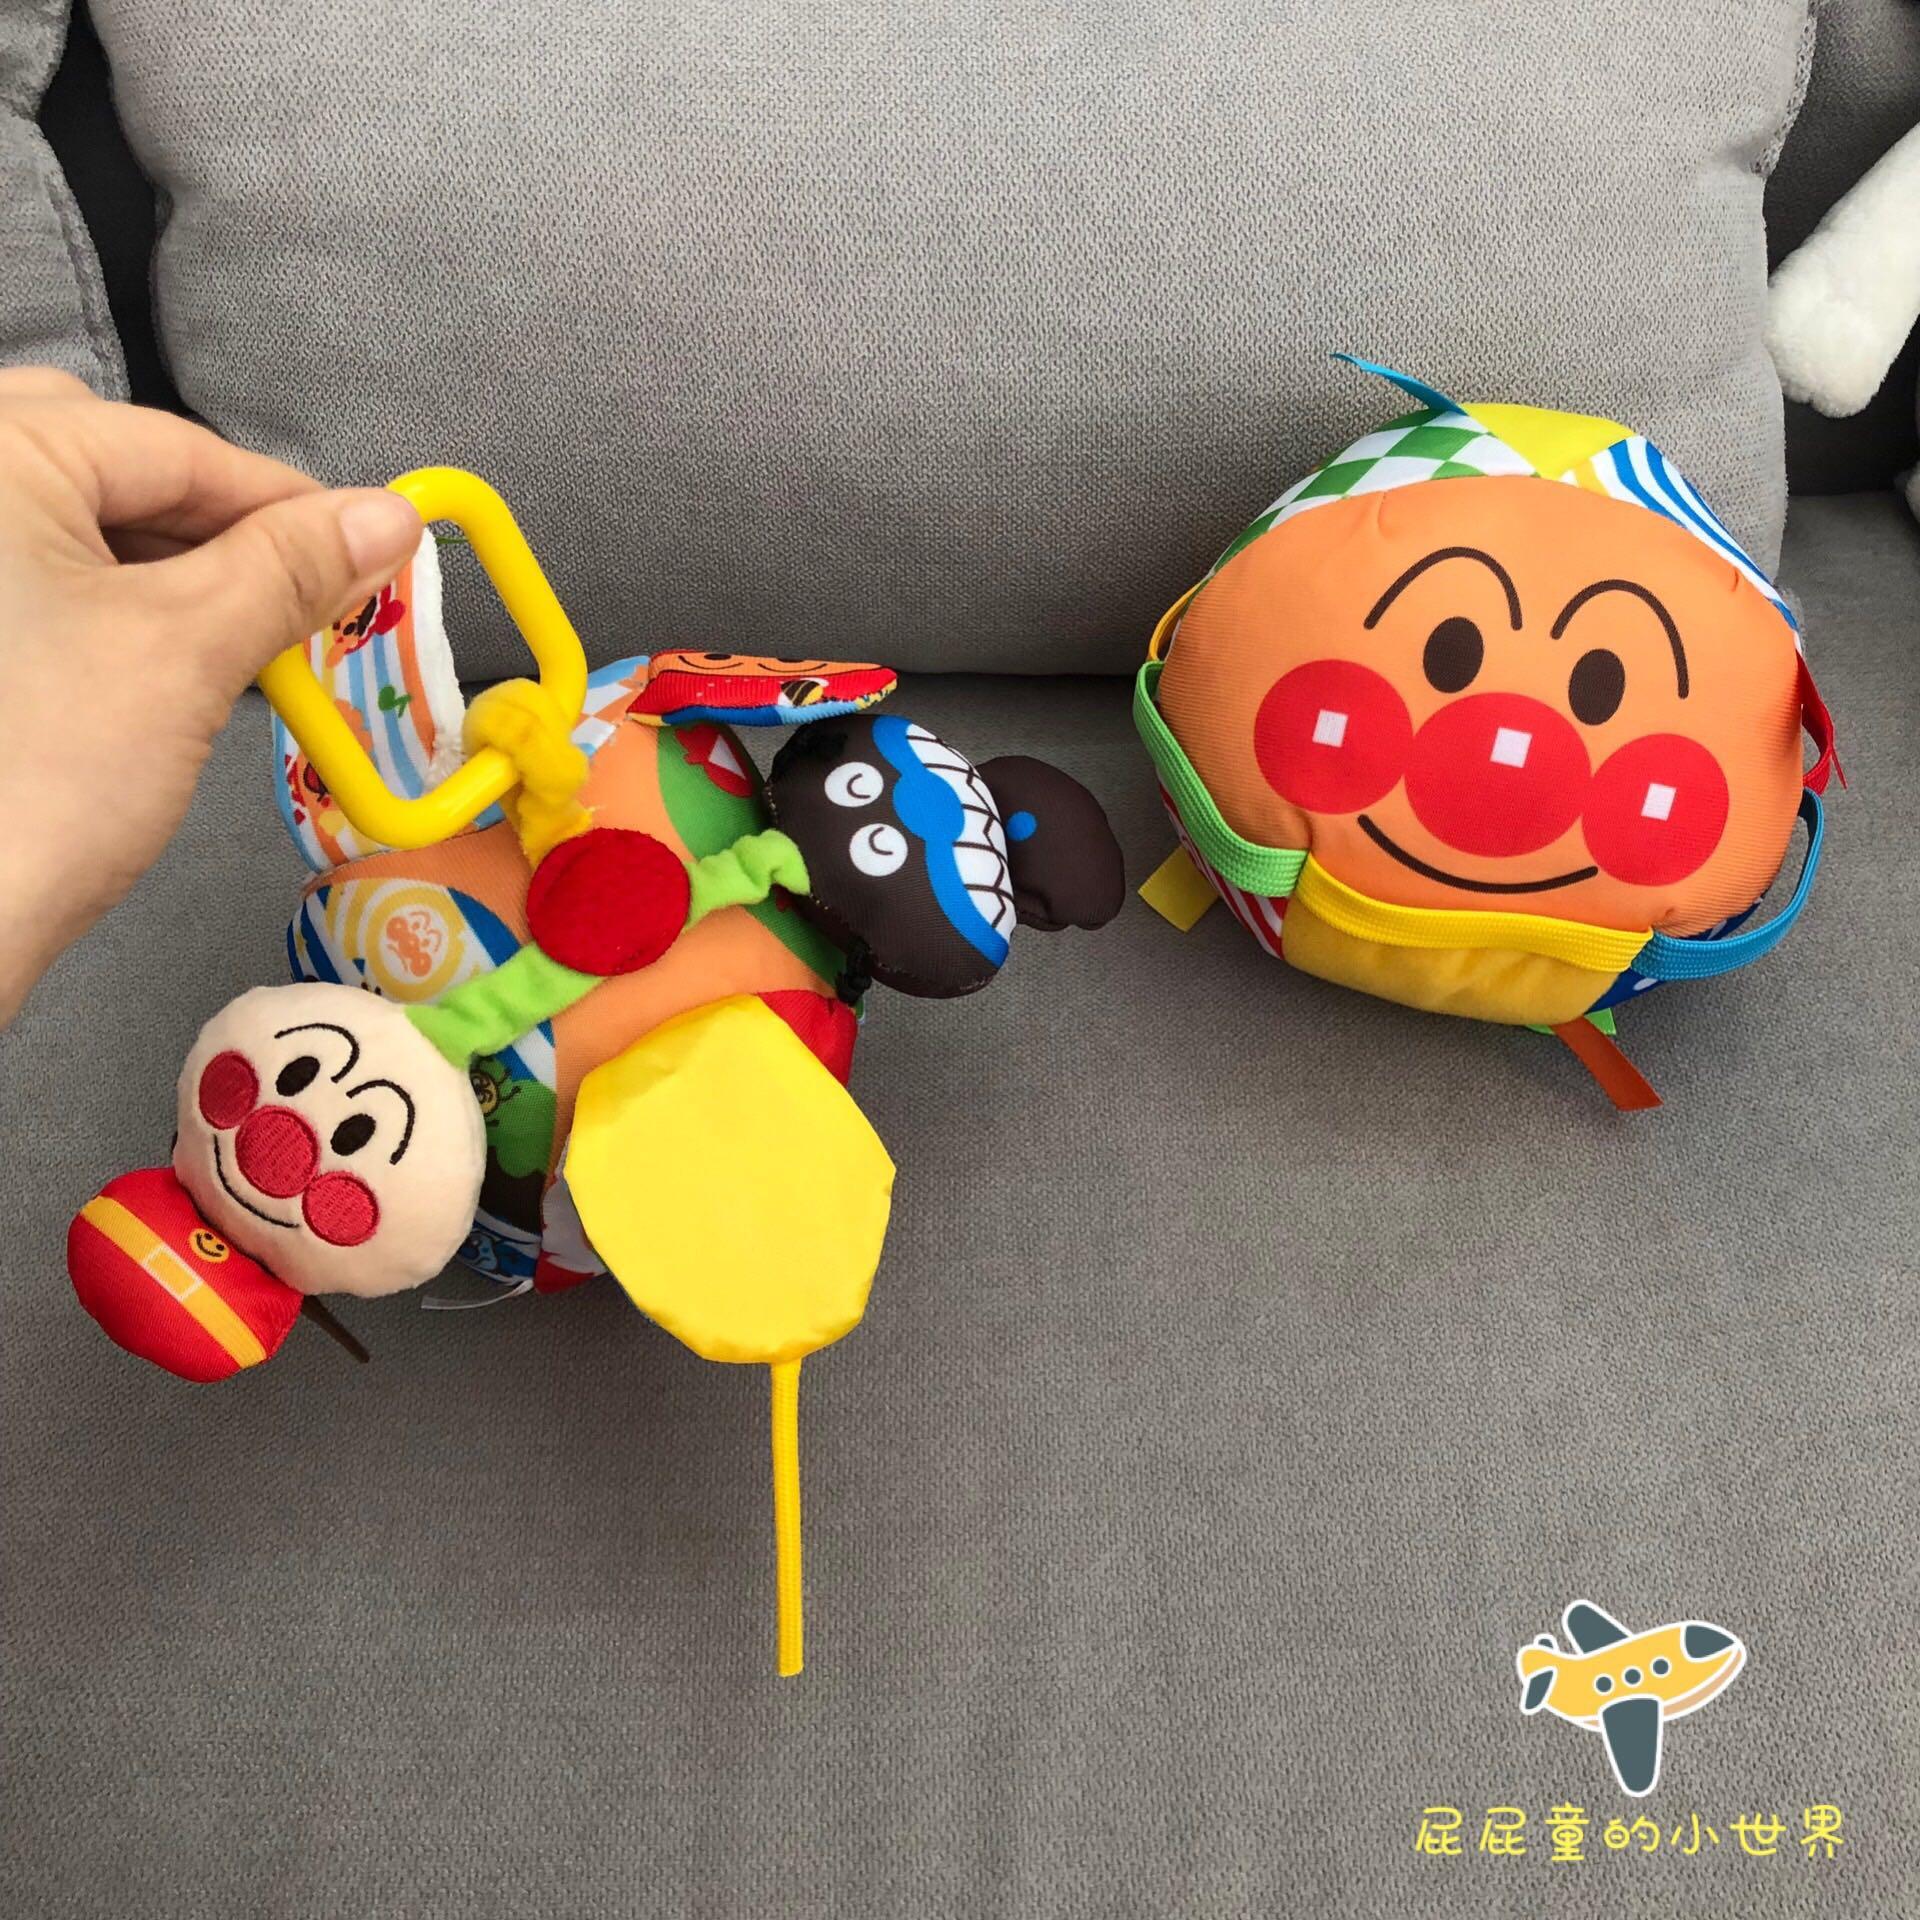 。面包超人布艺车床挂婴儿宝宝床头小推车挂件摇铃安抚玩具响铃bb